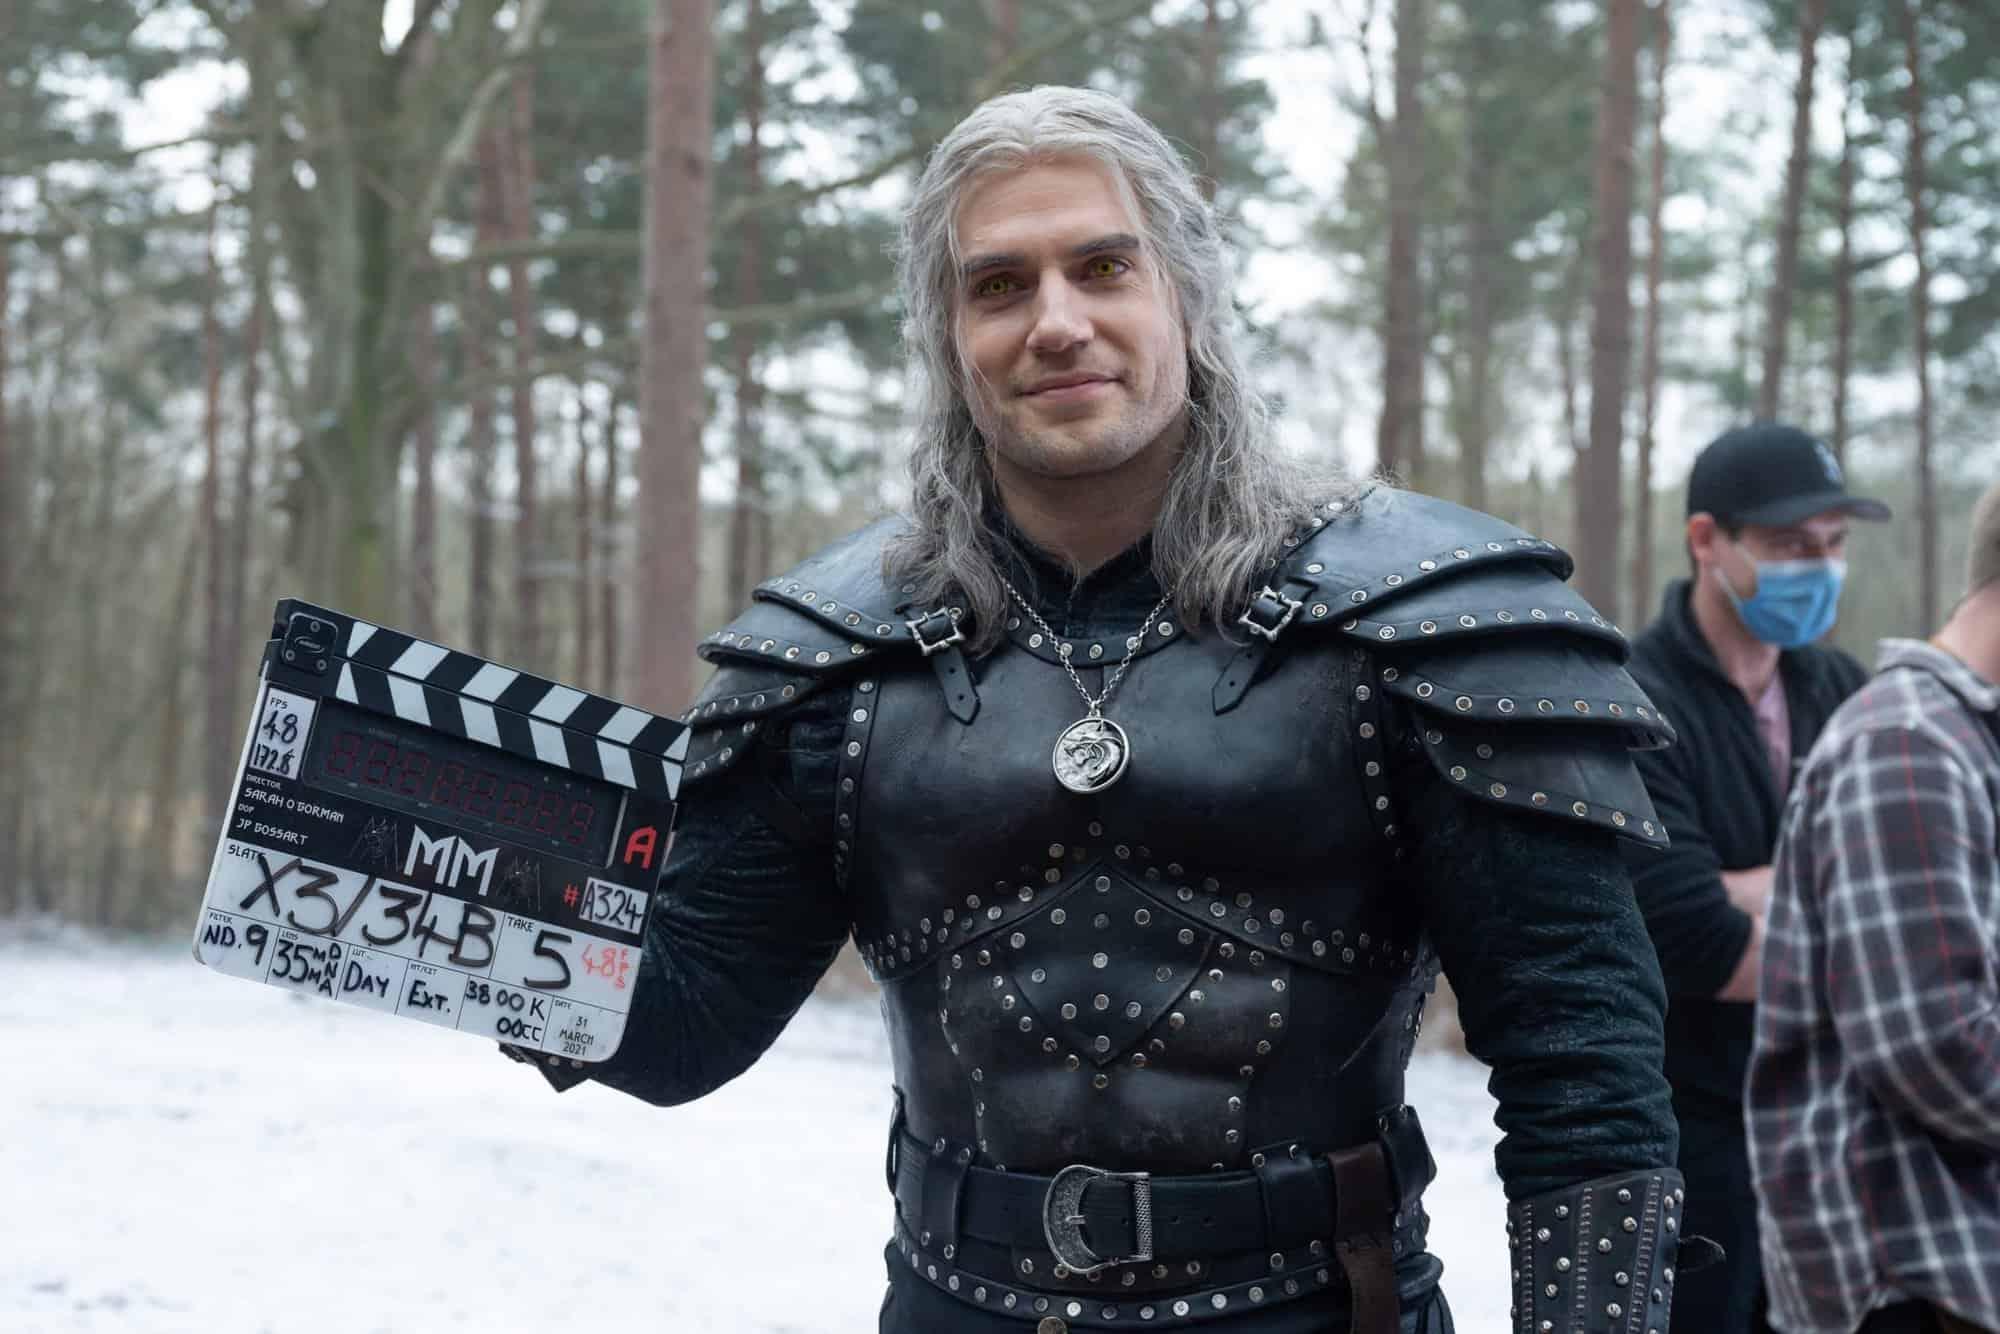 Netflix divulga bastidores da 2ª temporada de 'The Witcher'